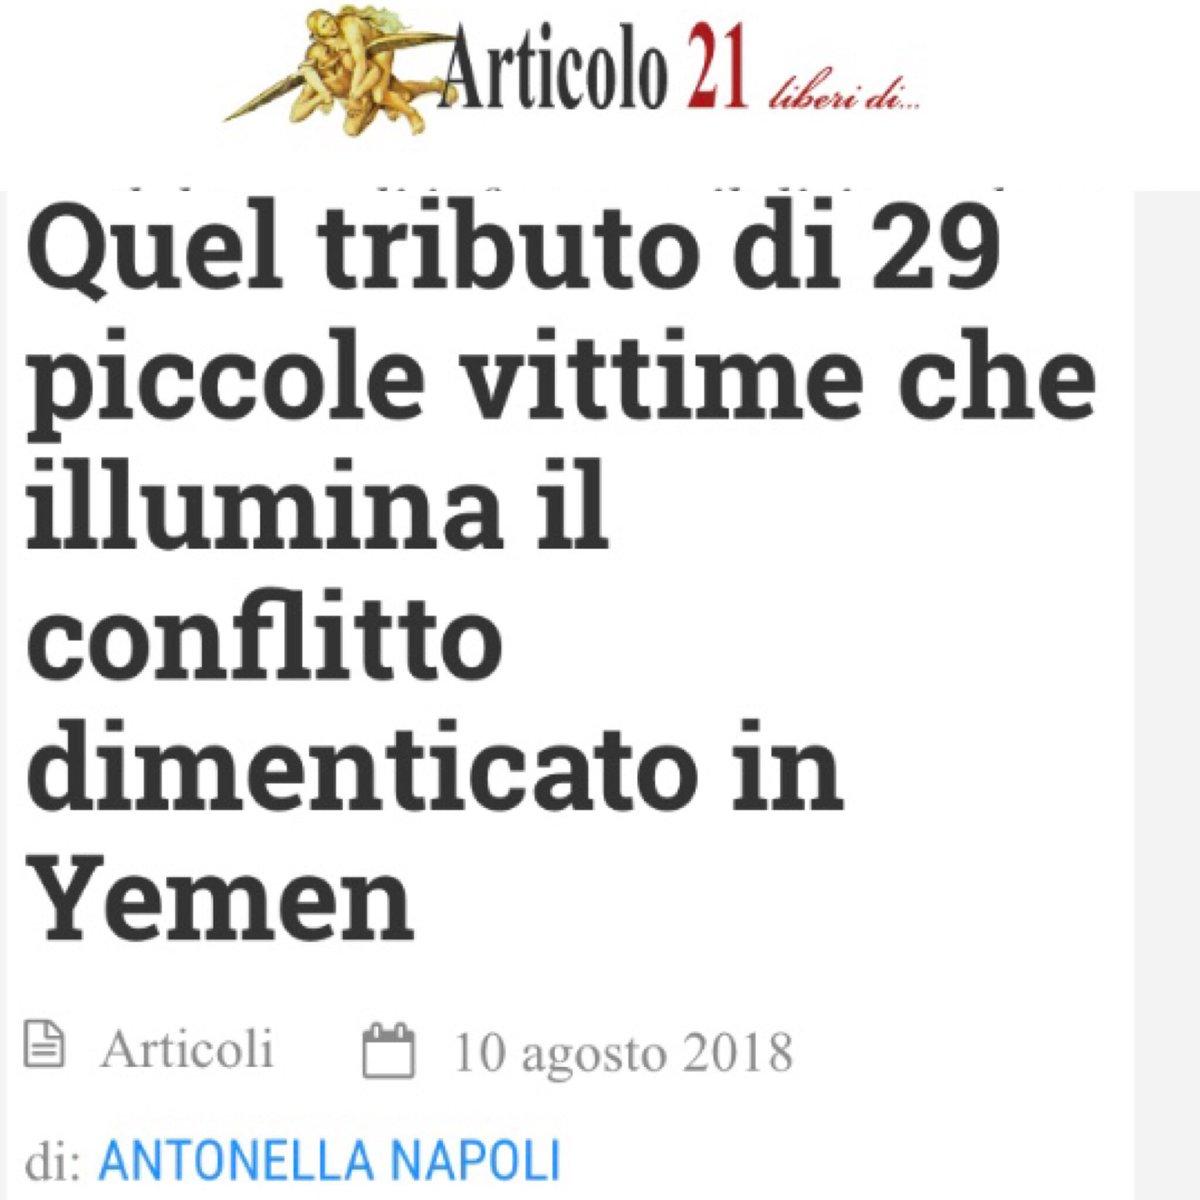 C'è voluto un atroce sacrificio di piccole vittime per far scoprire alle grandi testate italiane che in #Yemen si continua a morire, come racconto da tempo, anche a causa delle armi che l'Italia vende all'#ArabiaSaudita. #megliotardichemai @Artventuno  https:// www.articolo21.org/2018/08/quel-tributo-di-29-piccole-vittime-che-illumina-il-conflitto-dimenticato-in-yemen  - Ukustom